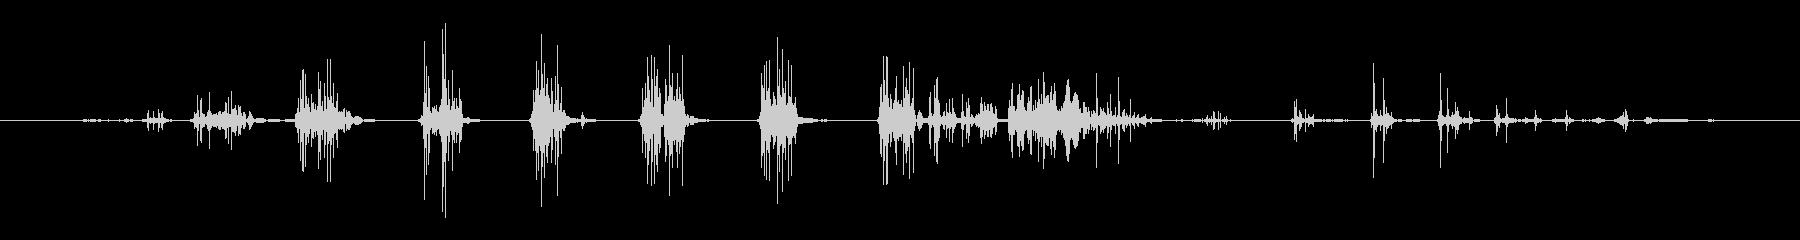 おなら ウーピークッションファース...の未再生の波形